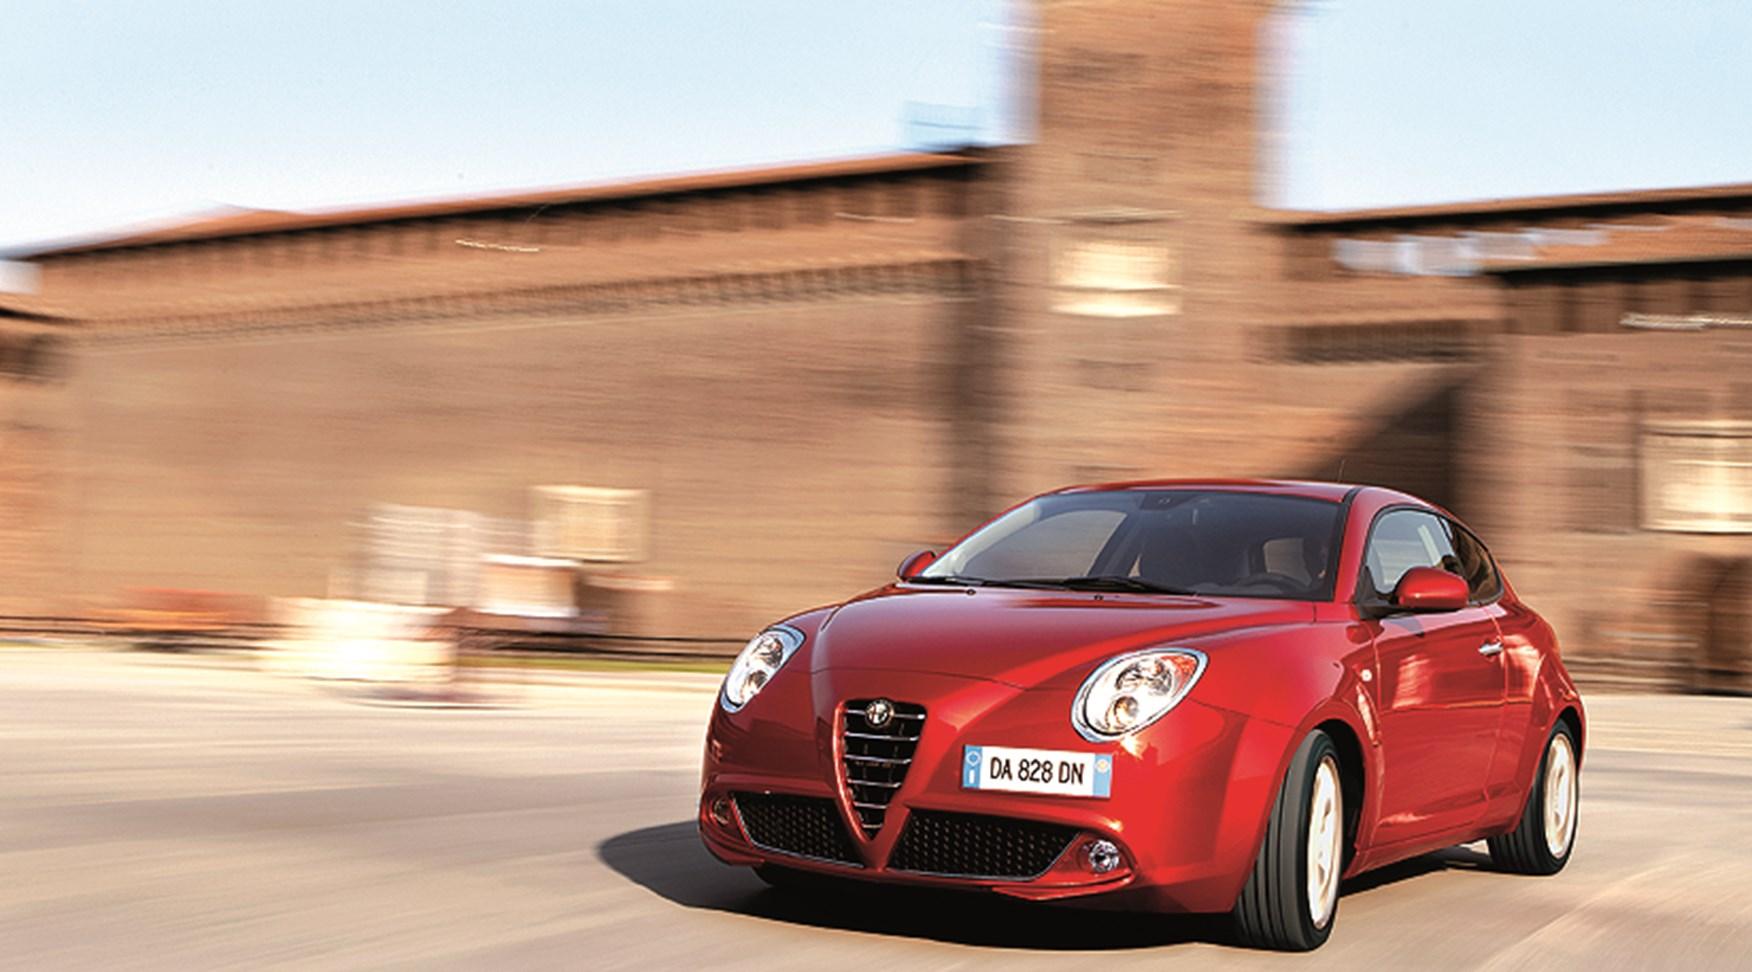 Alfa romeo mito 14 tb 155 veloce review